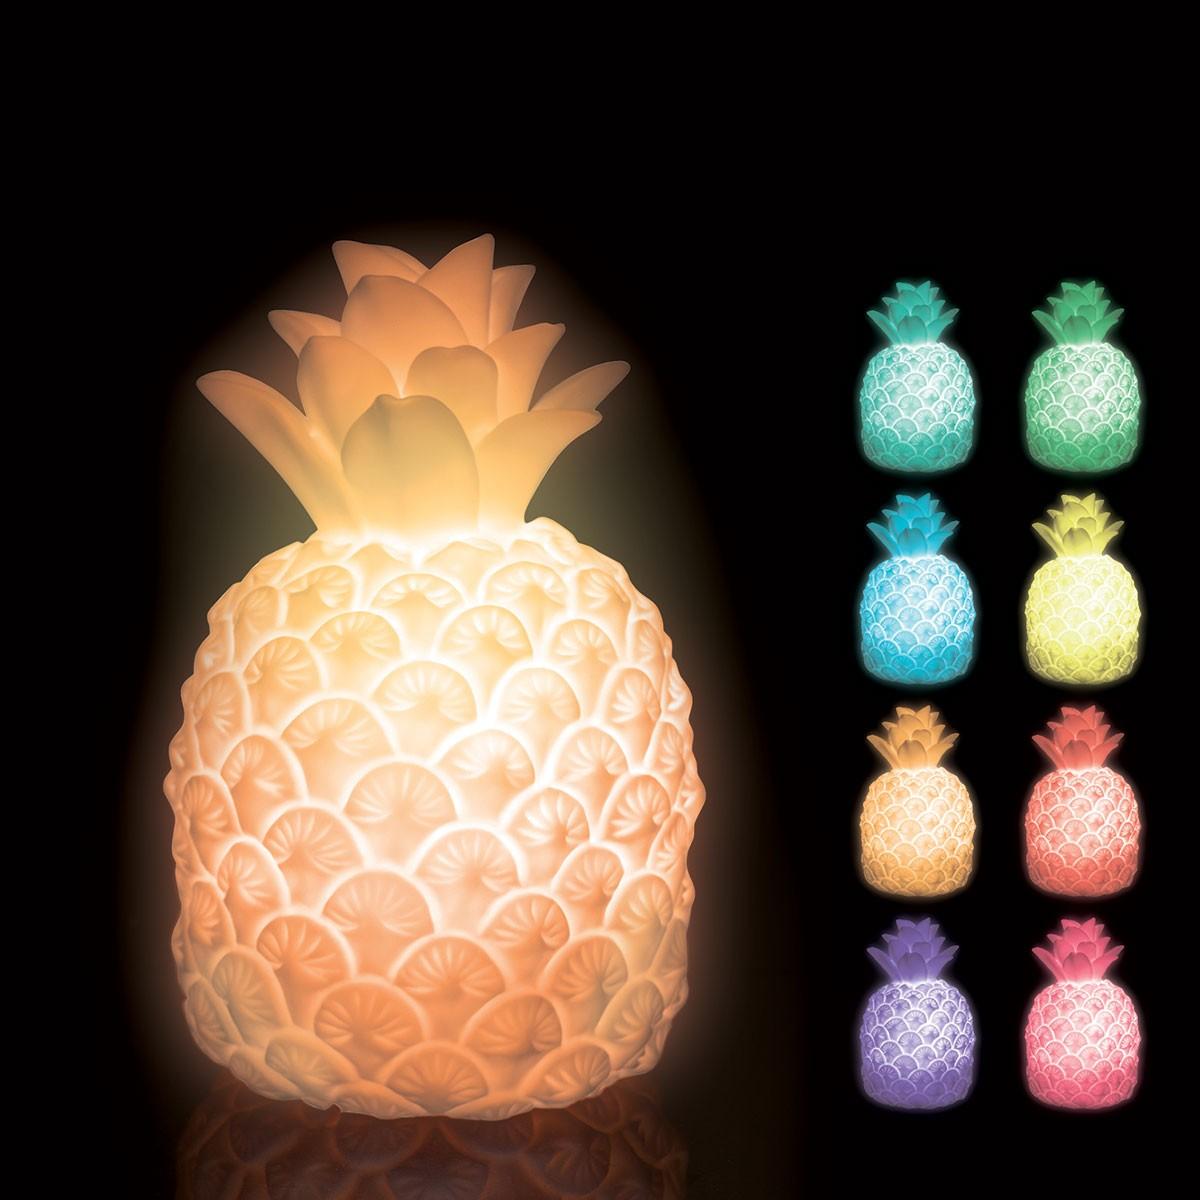 lampe ananas multicolore qui change de couleur sur rapid cadeau. Black Bedroom Furniture Sets. Home Design Ideas